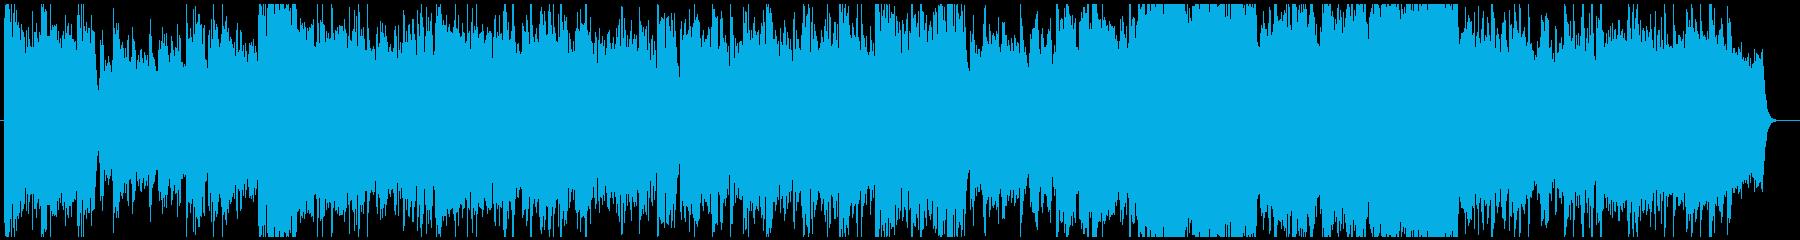 尺八の感動的和風バラードの再生済みの波形